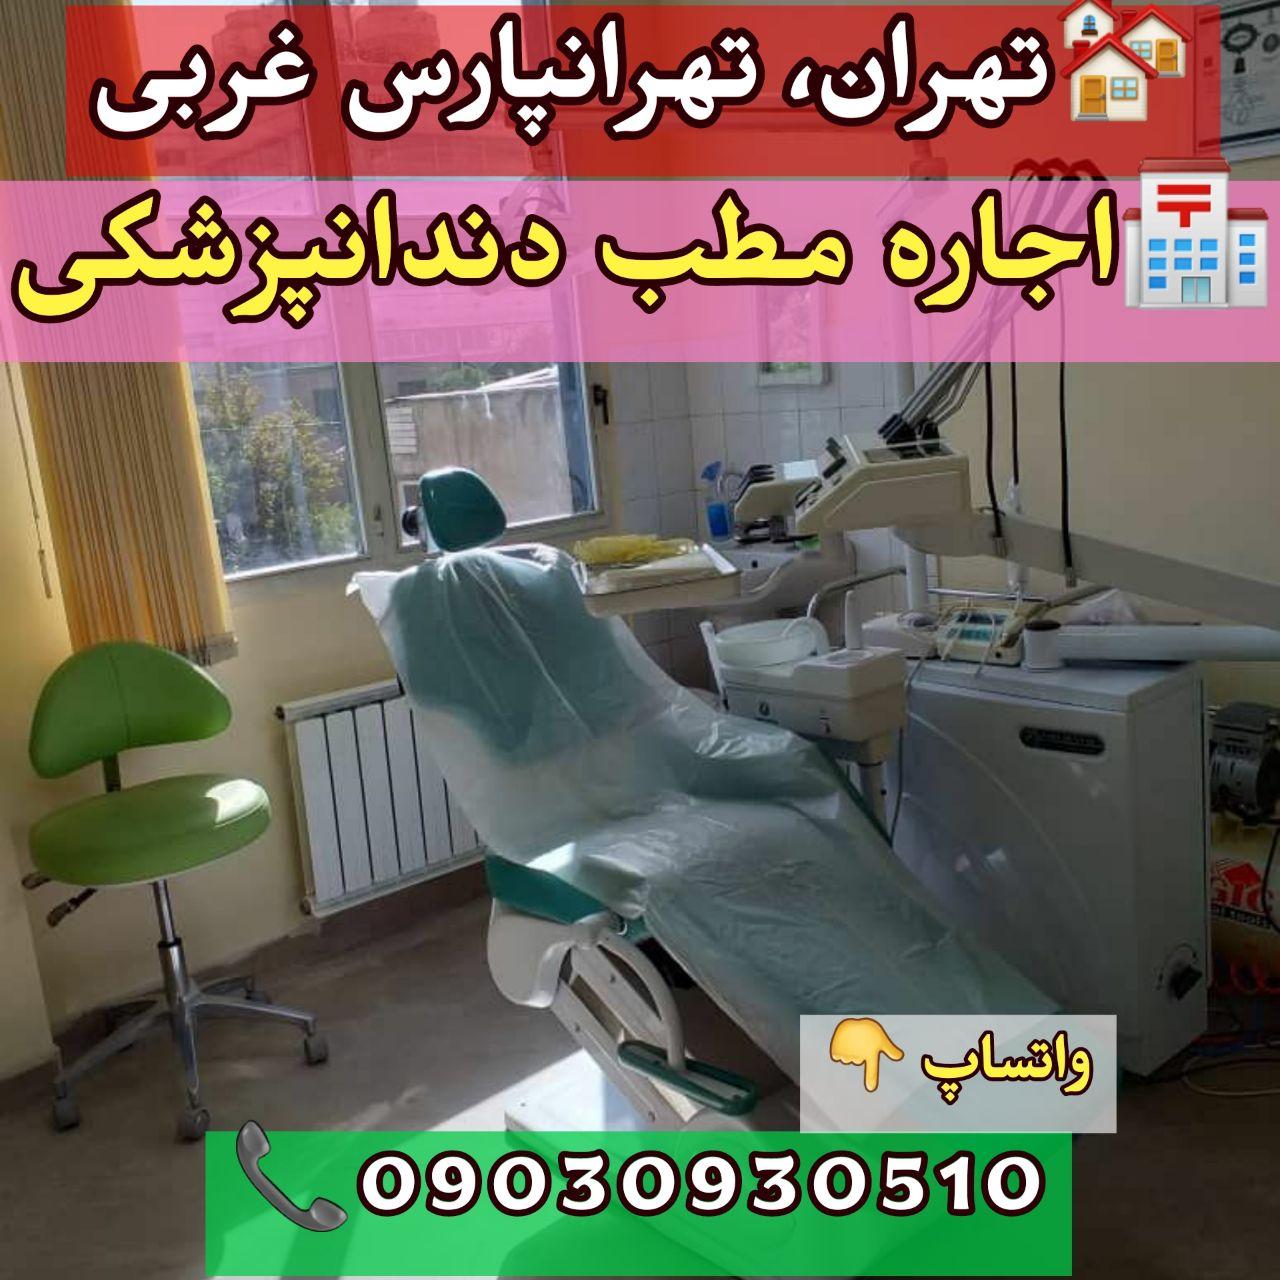 تهران: تهرانپارس غربی